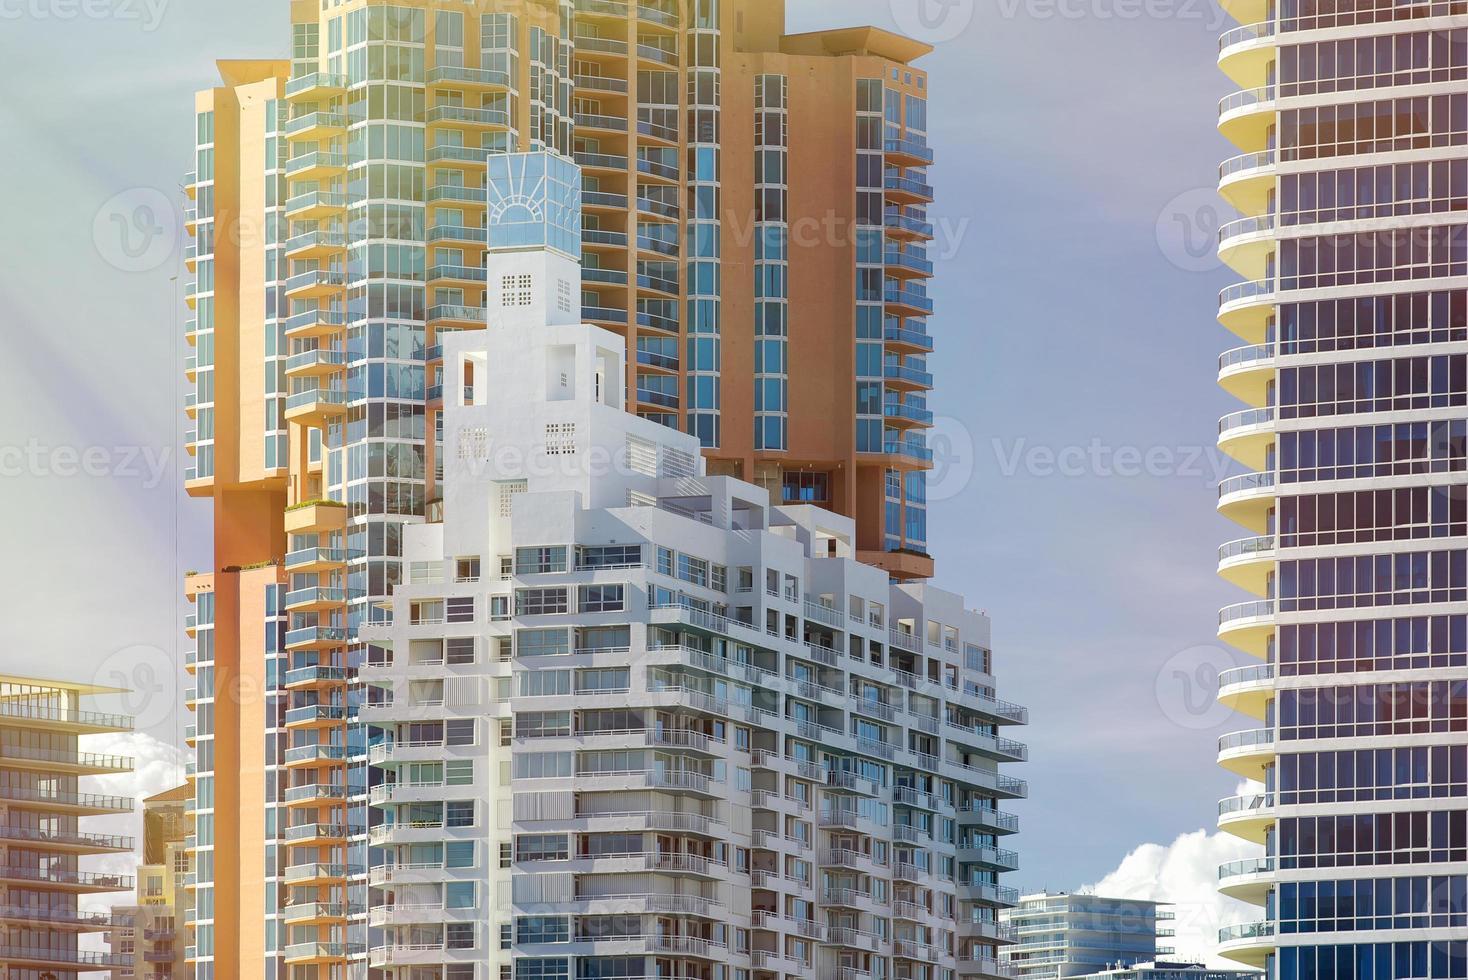 Miami South Beach Architecture photo